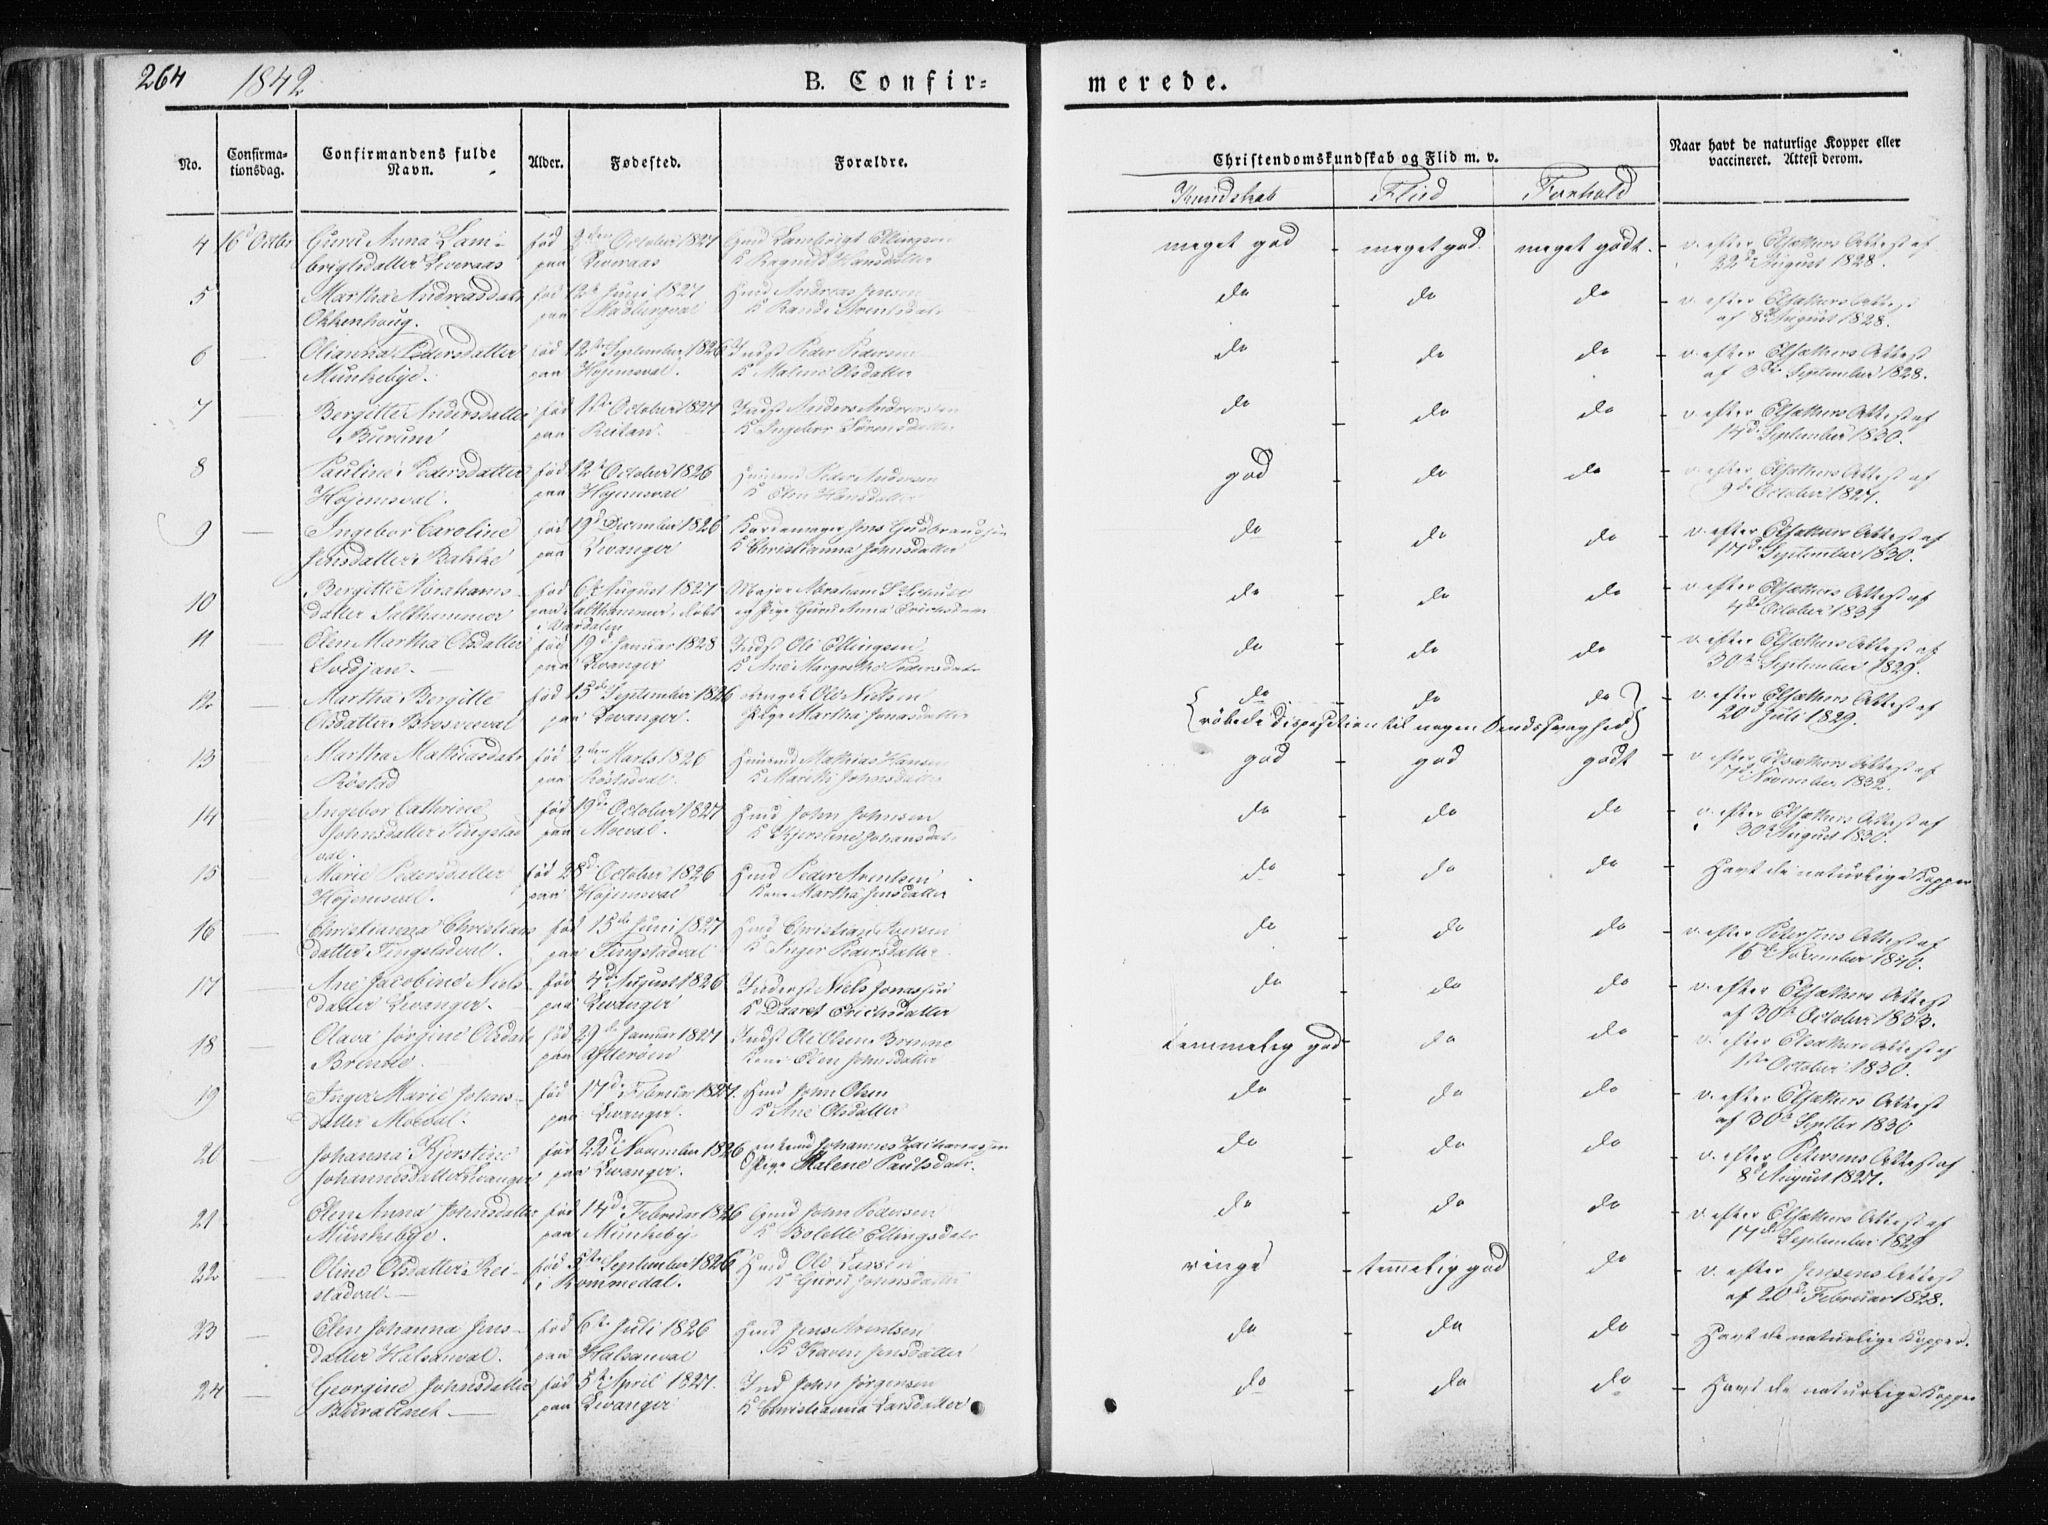 SAT, Ministerialprotokoller, klokkerbøker og fødselsregistre - Nord-Trøndelag, 717/L0154: Ministerialbok nr. 717A06 /1, 1836-1849, s. 264